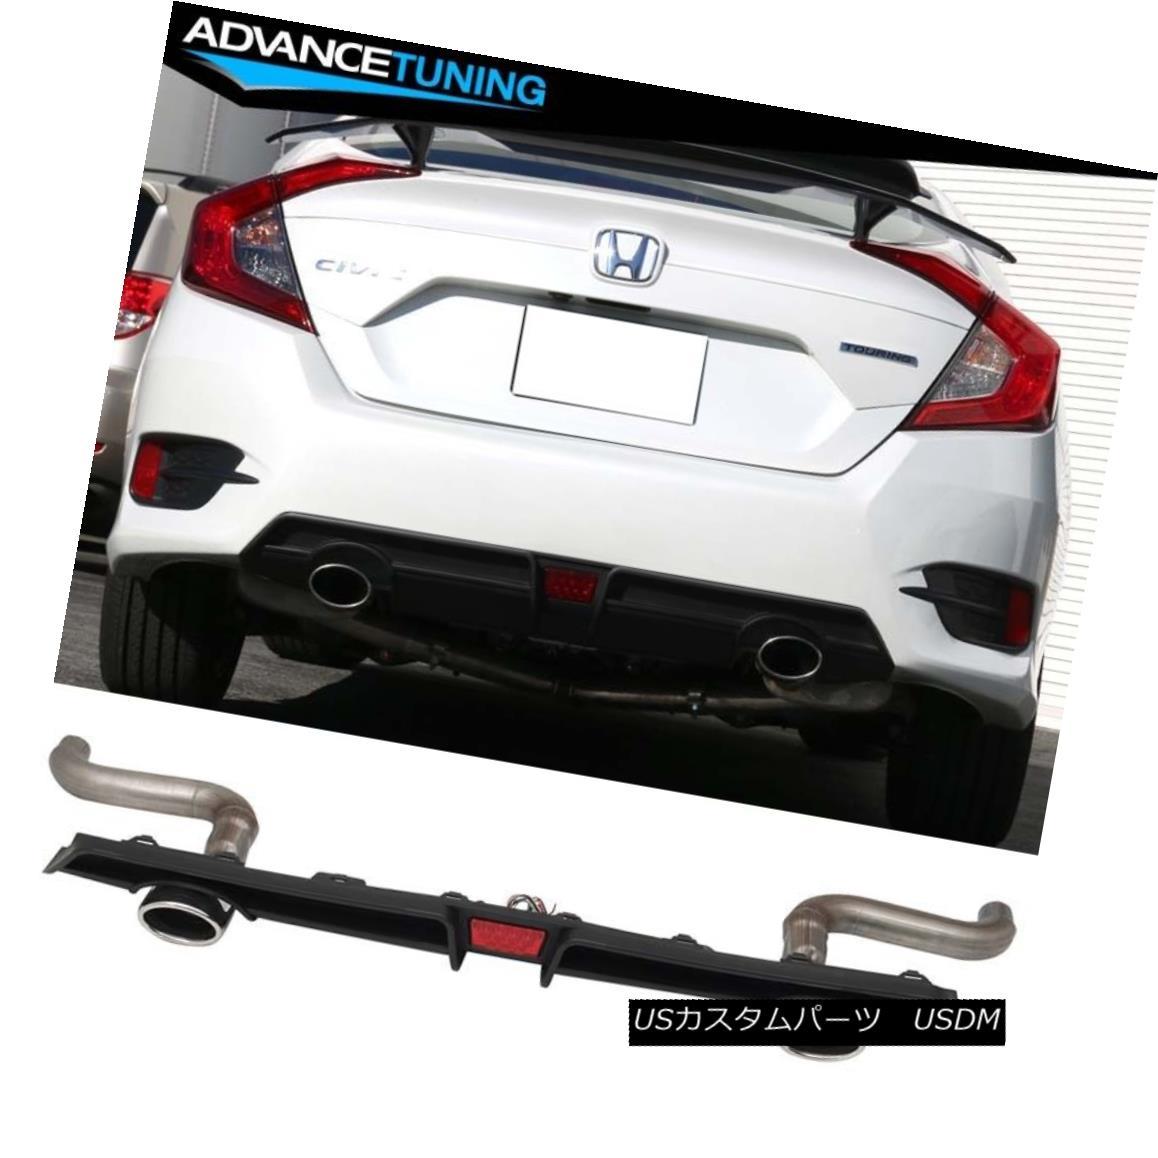 エアロパーツ Fits 16-18 Honda Civic Rear LED Diffuser + Axle Back Dual 4in Exhaust Tips フィット16-18ホンダシビックリアLEDディフューザ+アクスルバックデュアル4in排気のヒント